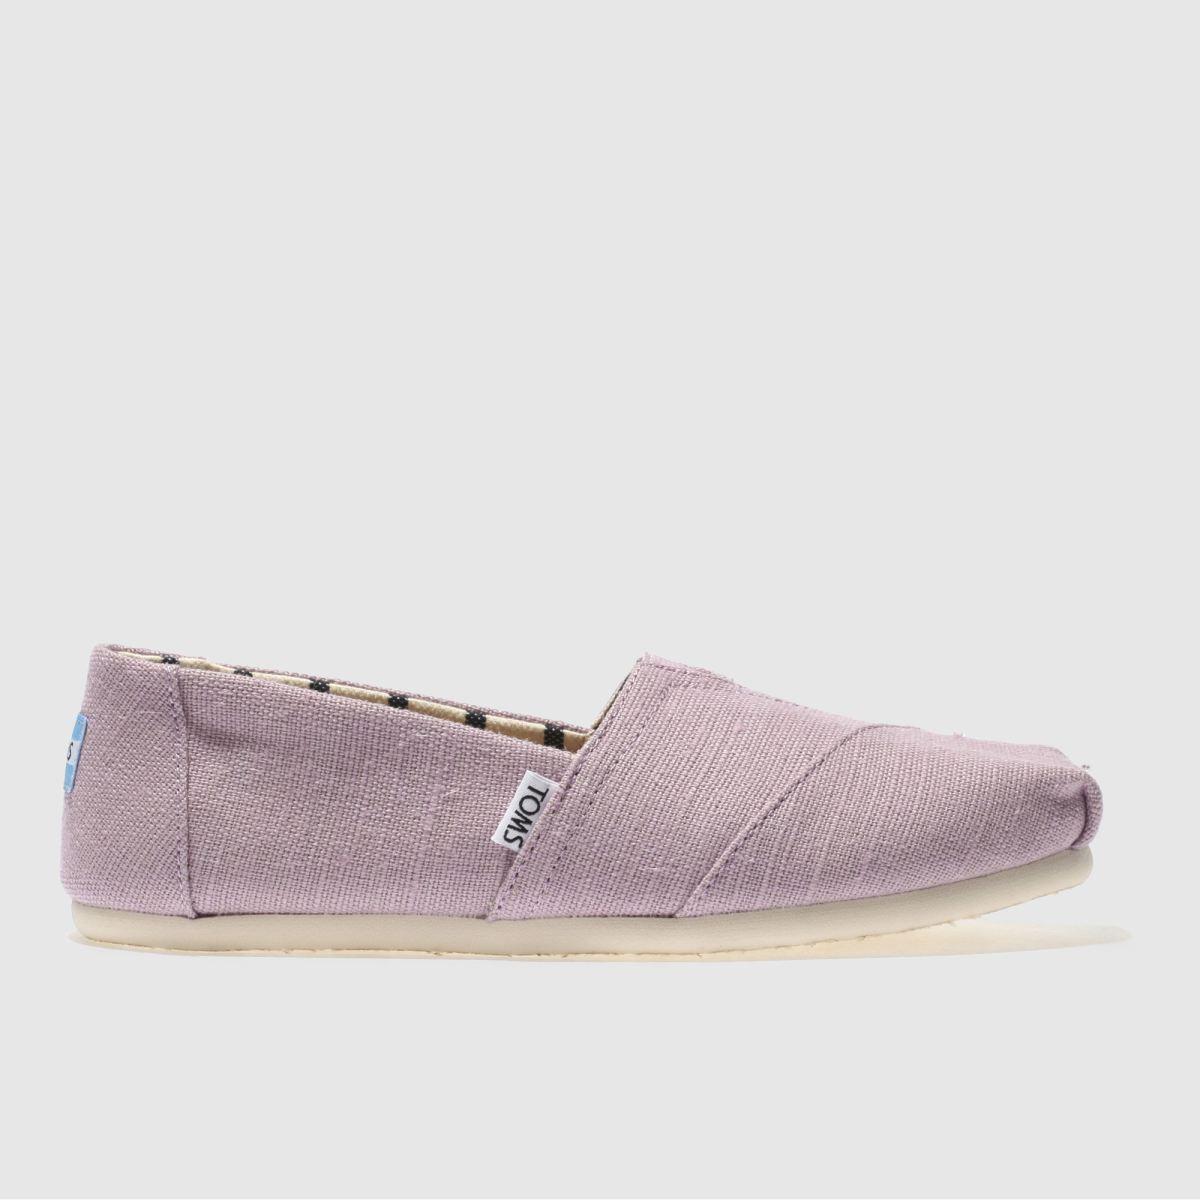 Toms Lilac Alpargata Venice Flat Shoes